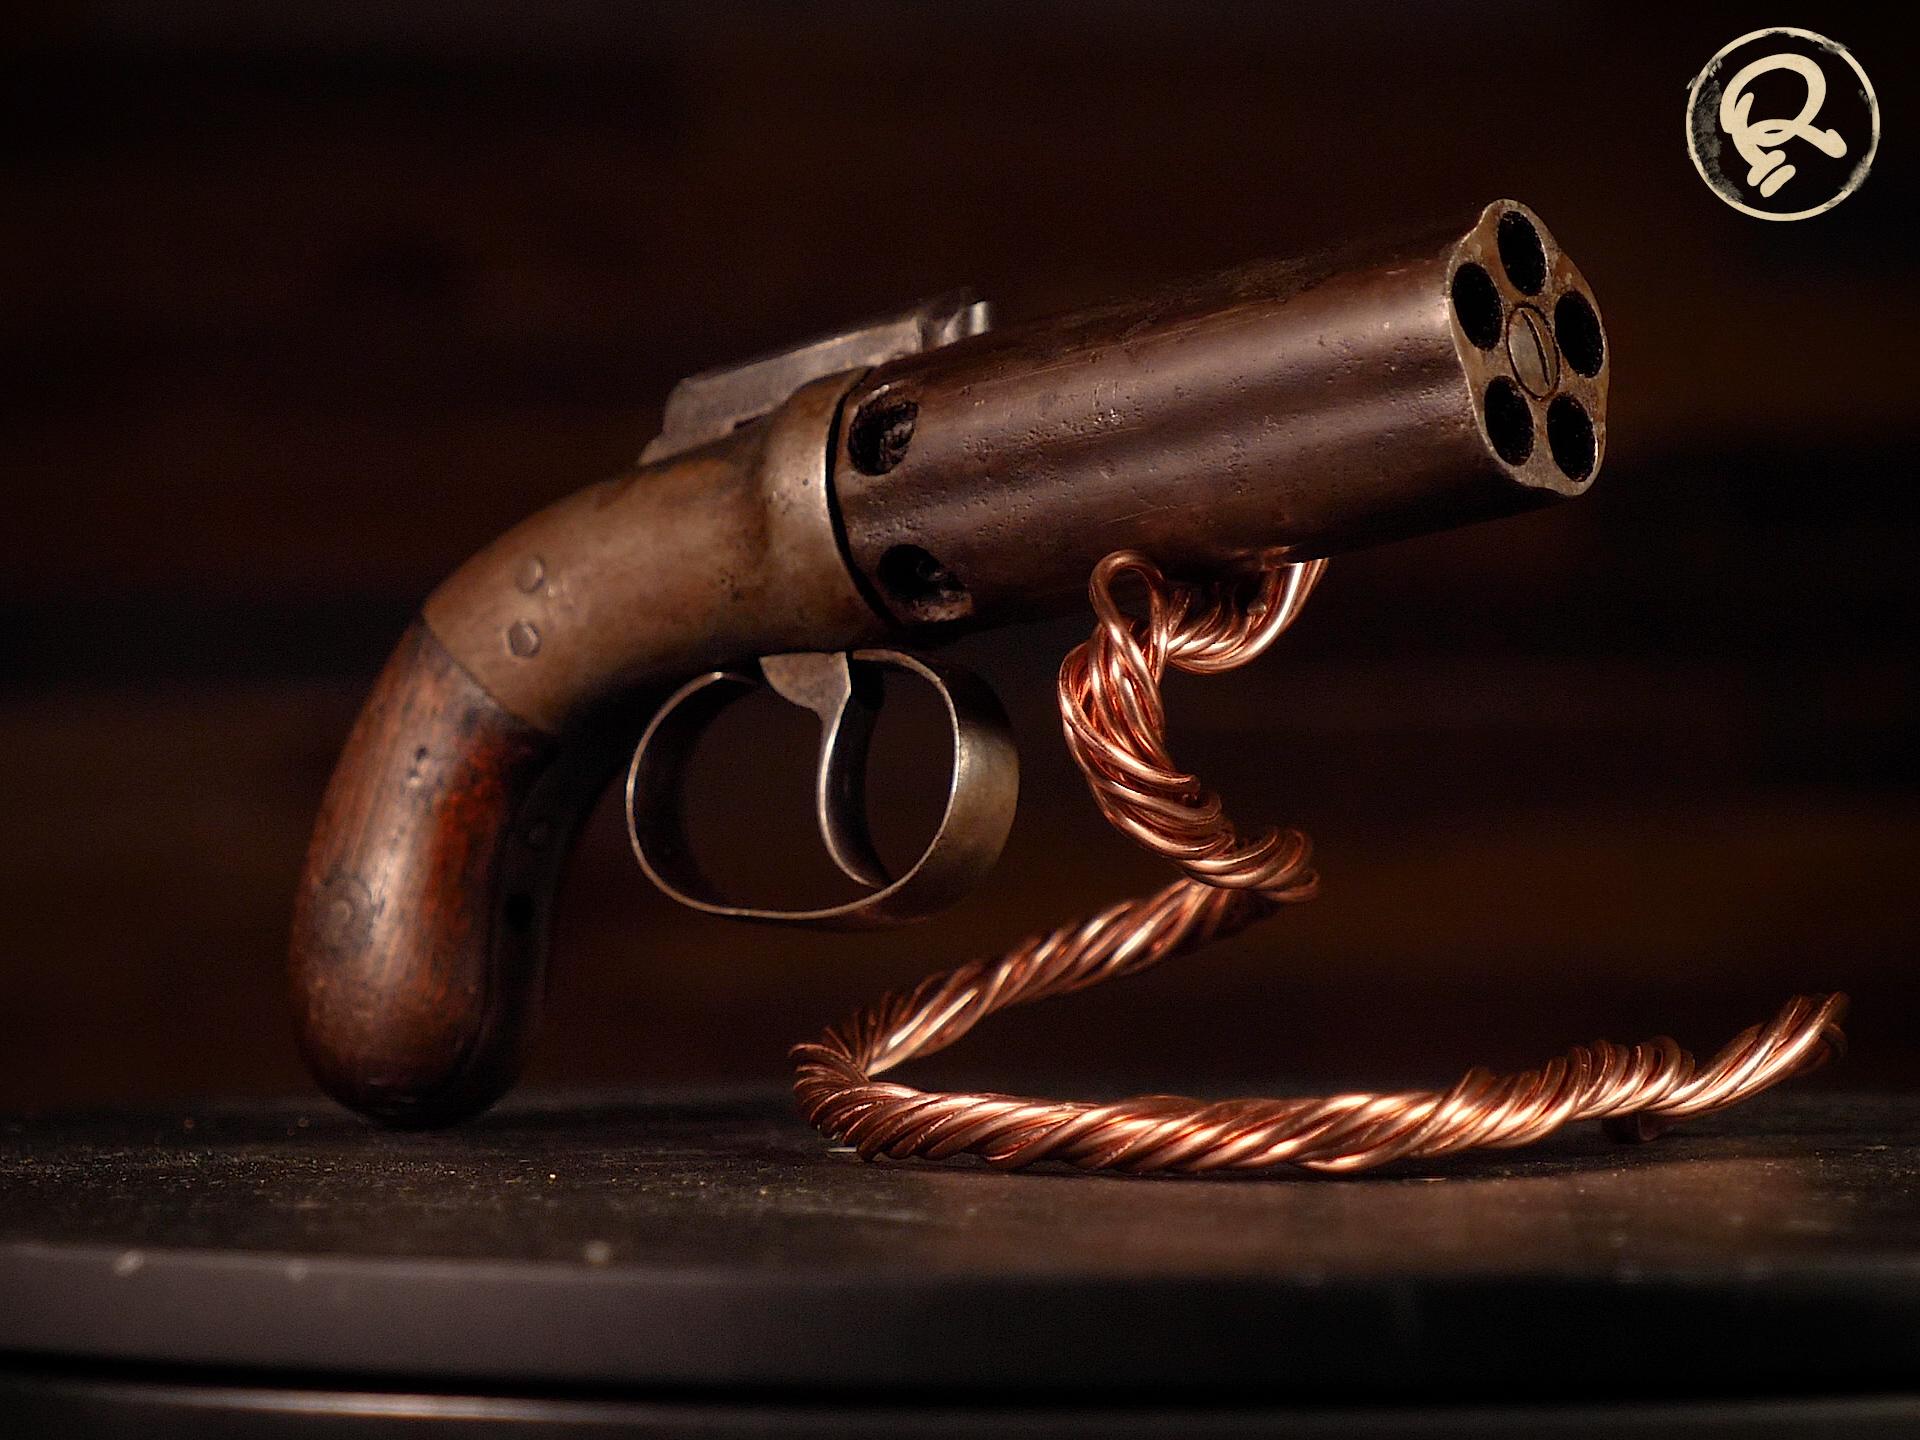 pepper-box pistol